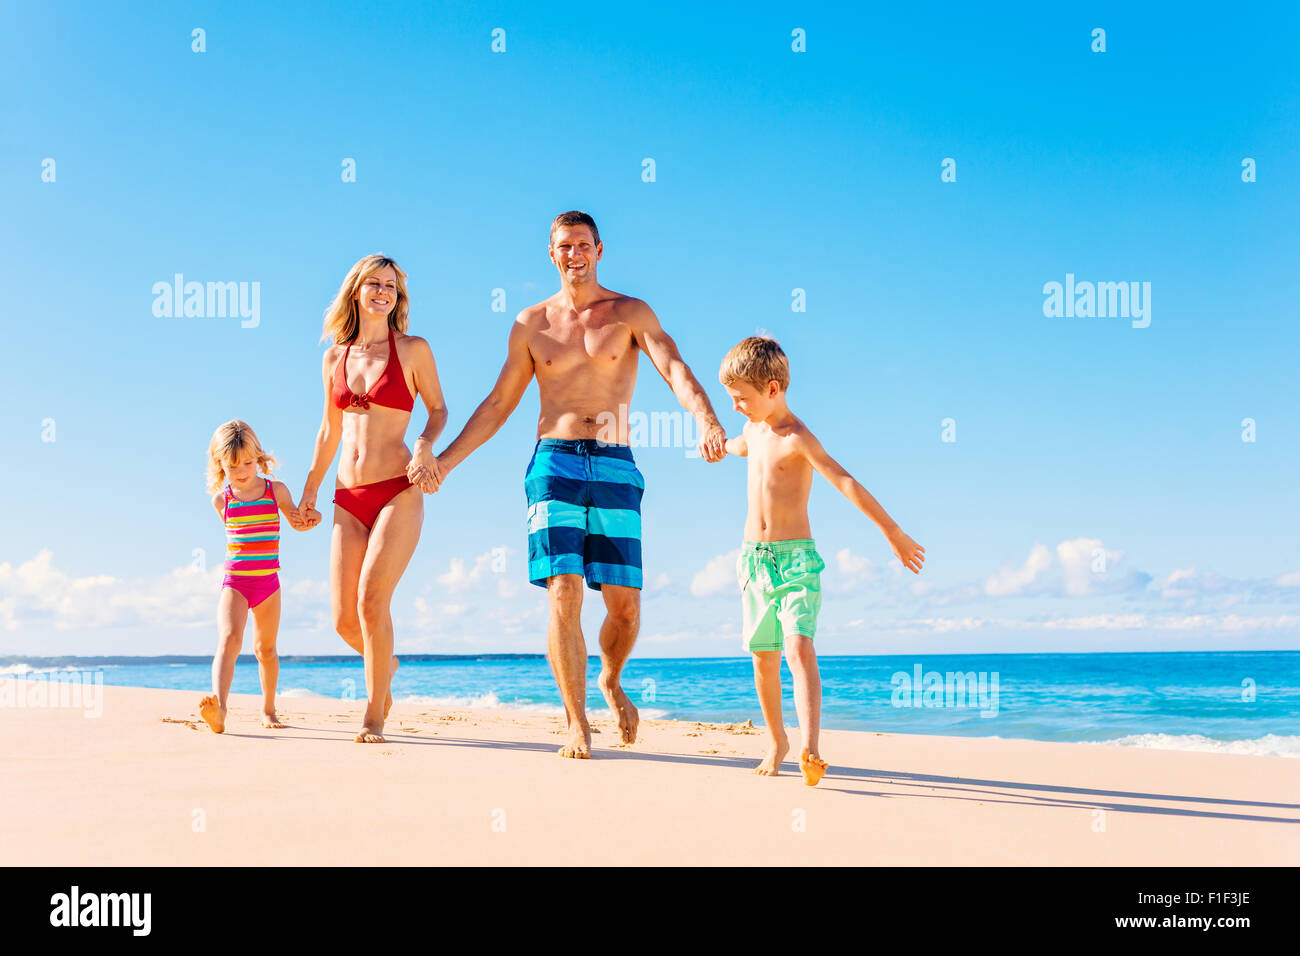 Urlaub mit der Familie. Glückliche Familie, die Spaß an schönen warmen sonnigen Strand. Sommer lifestyle Stockbild